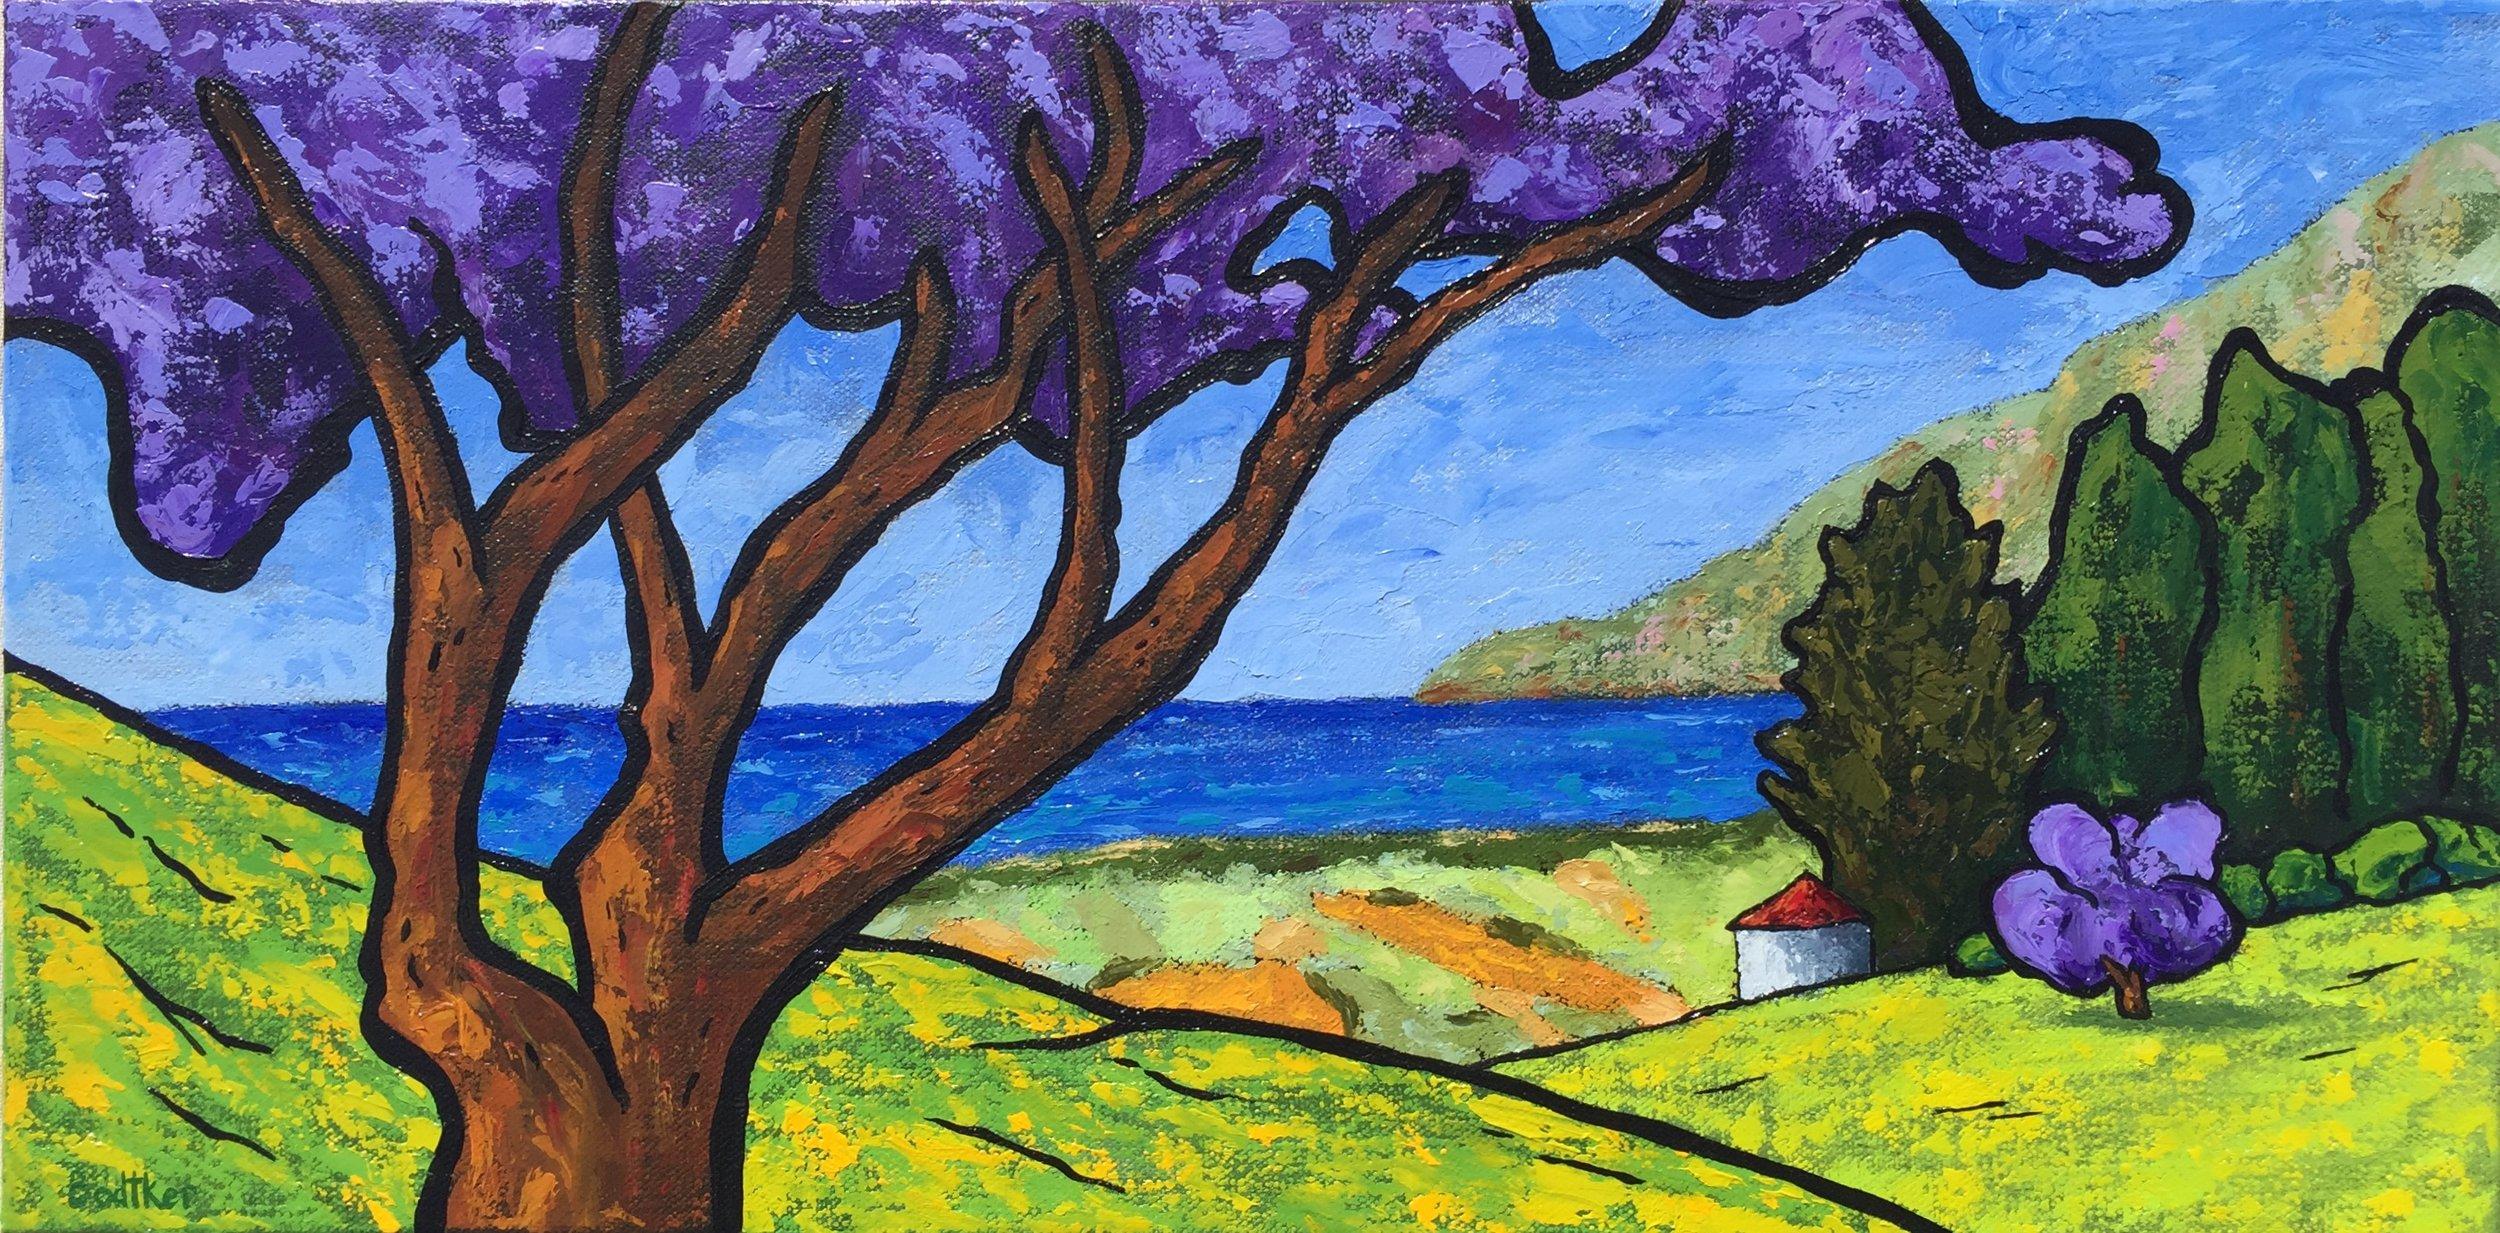 Maui's Upcountry Jacaranda Trees - 10x20